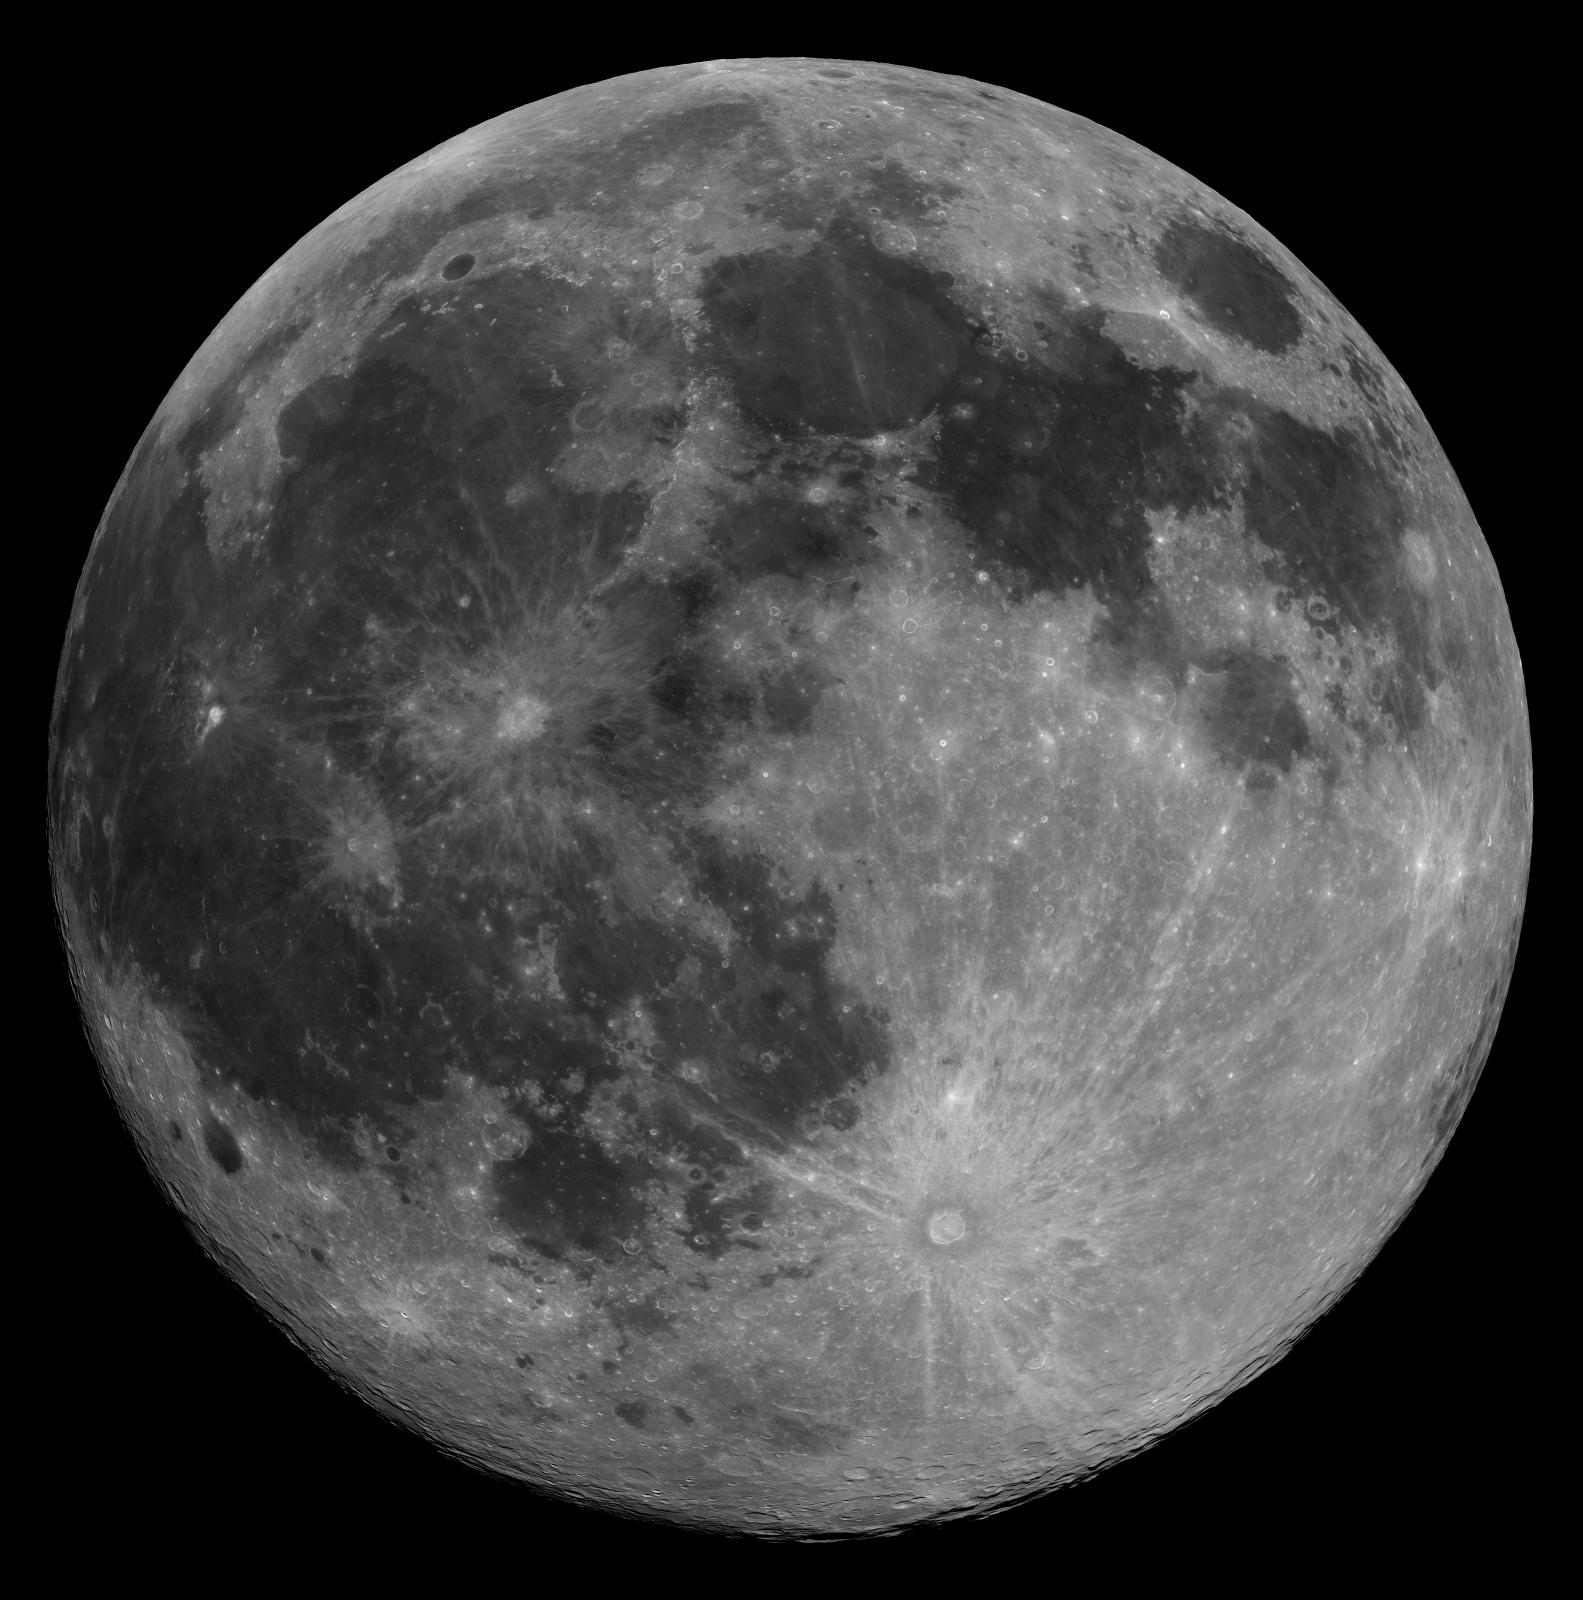 full-moon-26-02-2021.thumb.jpg.7845868d2eded26c693797e6b75bb699.jpg